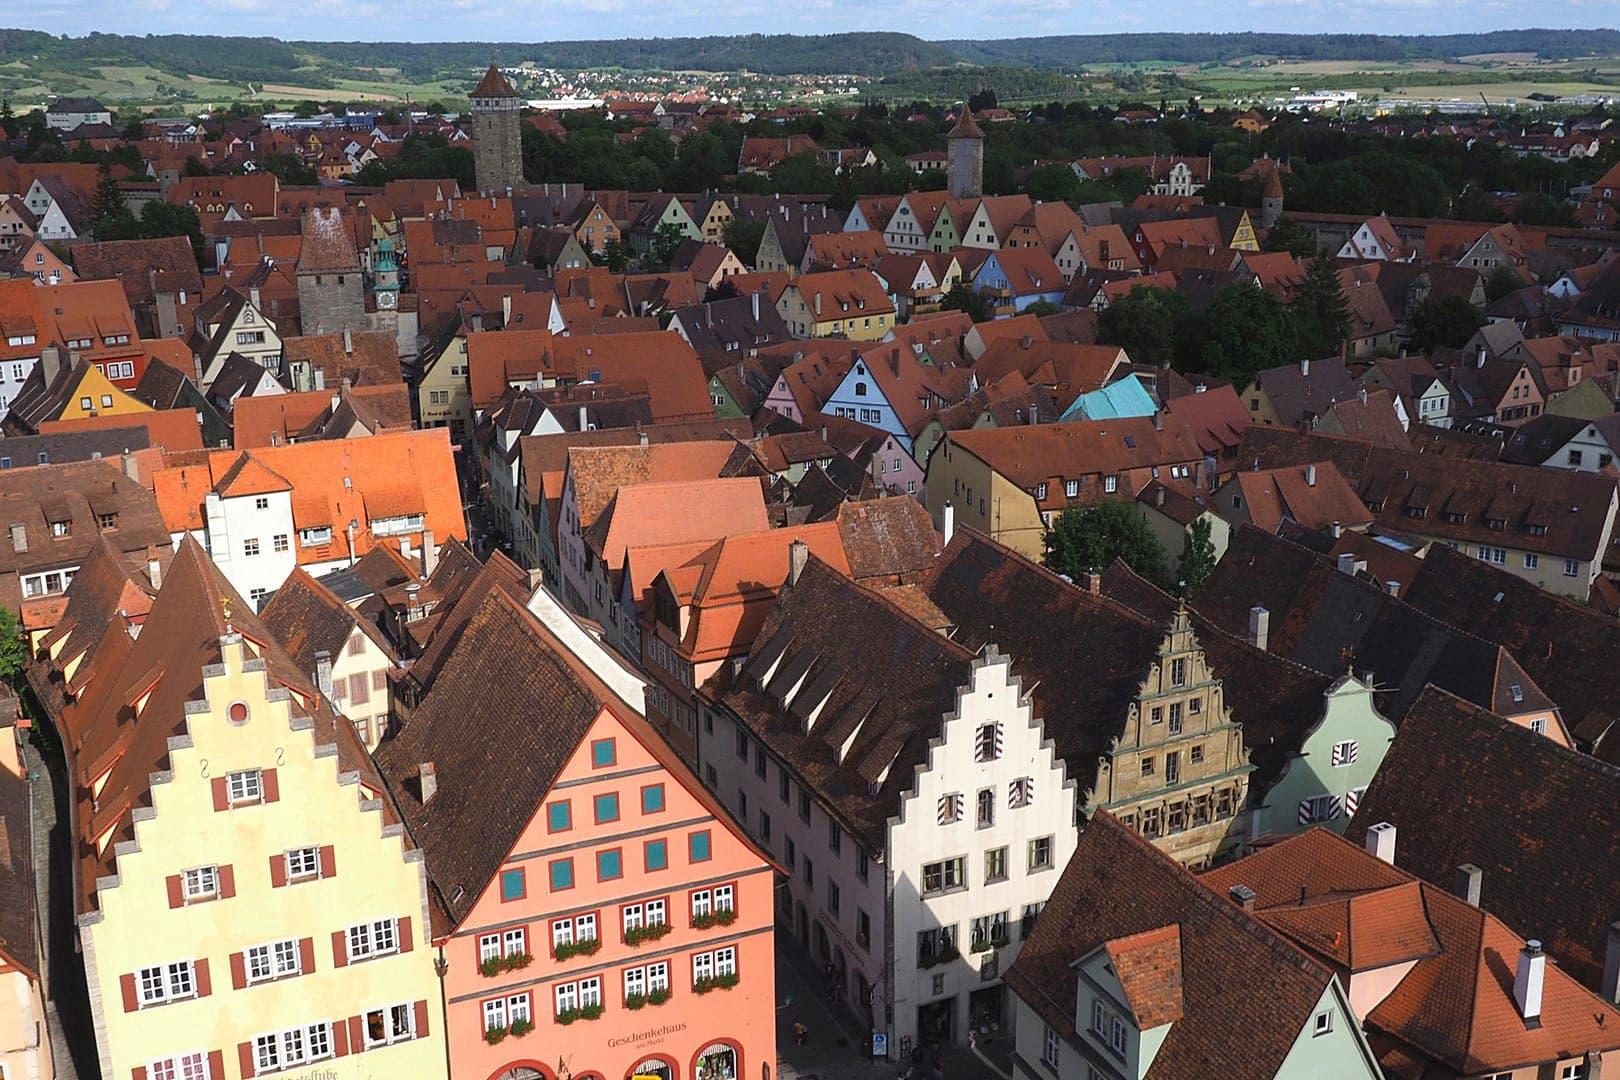 Über den Dächern von Rothenburg - Above the roofs of Rothenburg/Germany